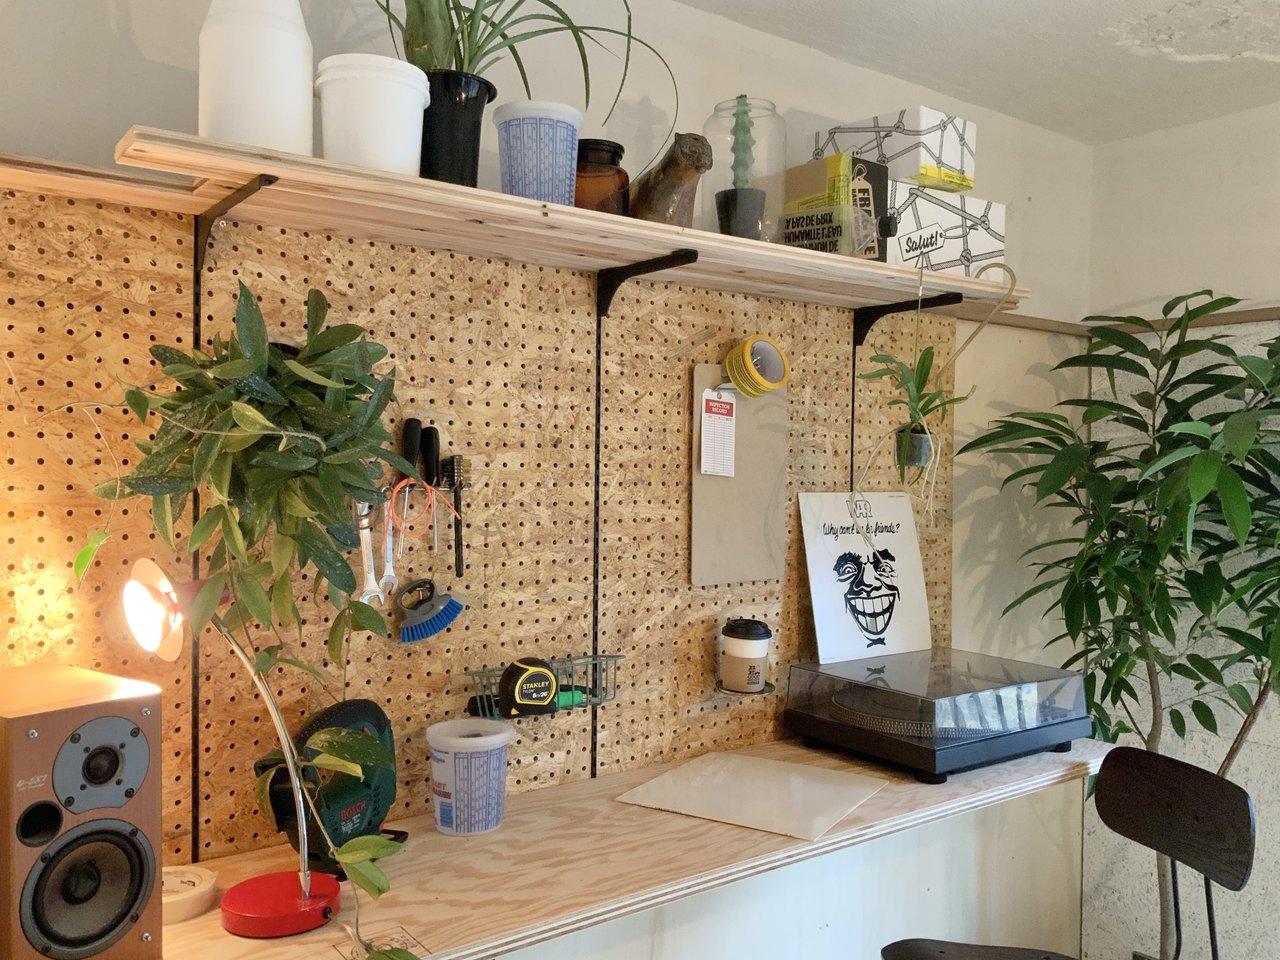 おすすめは、こんな形で有孔ボードを取り付けたりすること。こうすることで、使い勝手の良い作業スペースが簡単にできます。もちろん収納棚としても優秀なんです。こんな風に、自分の思い通りの部屋を作ってみて下さいね。